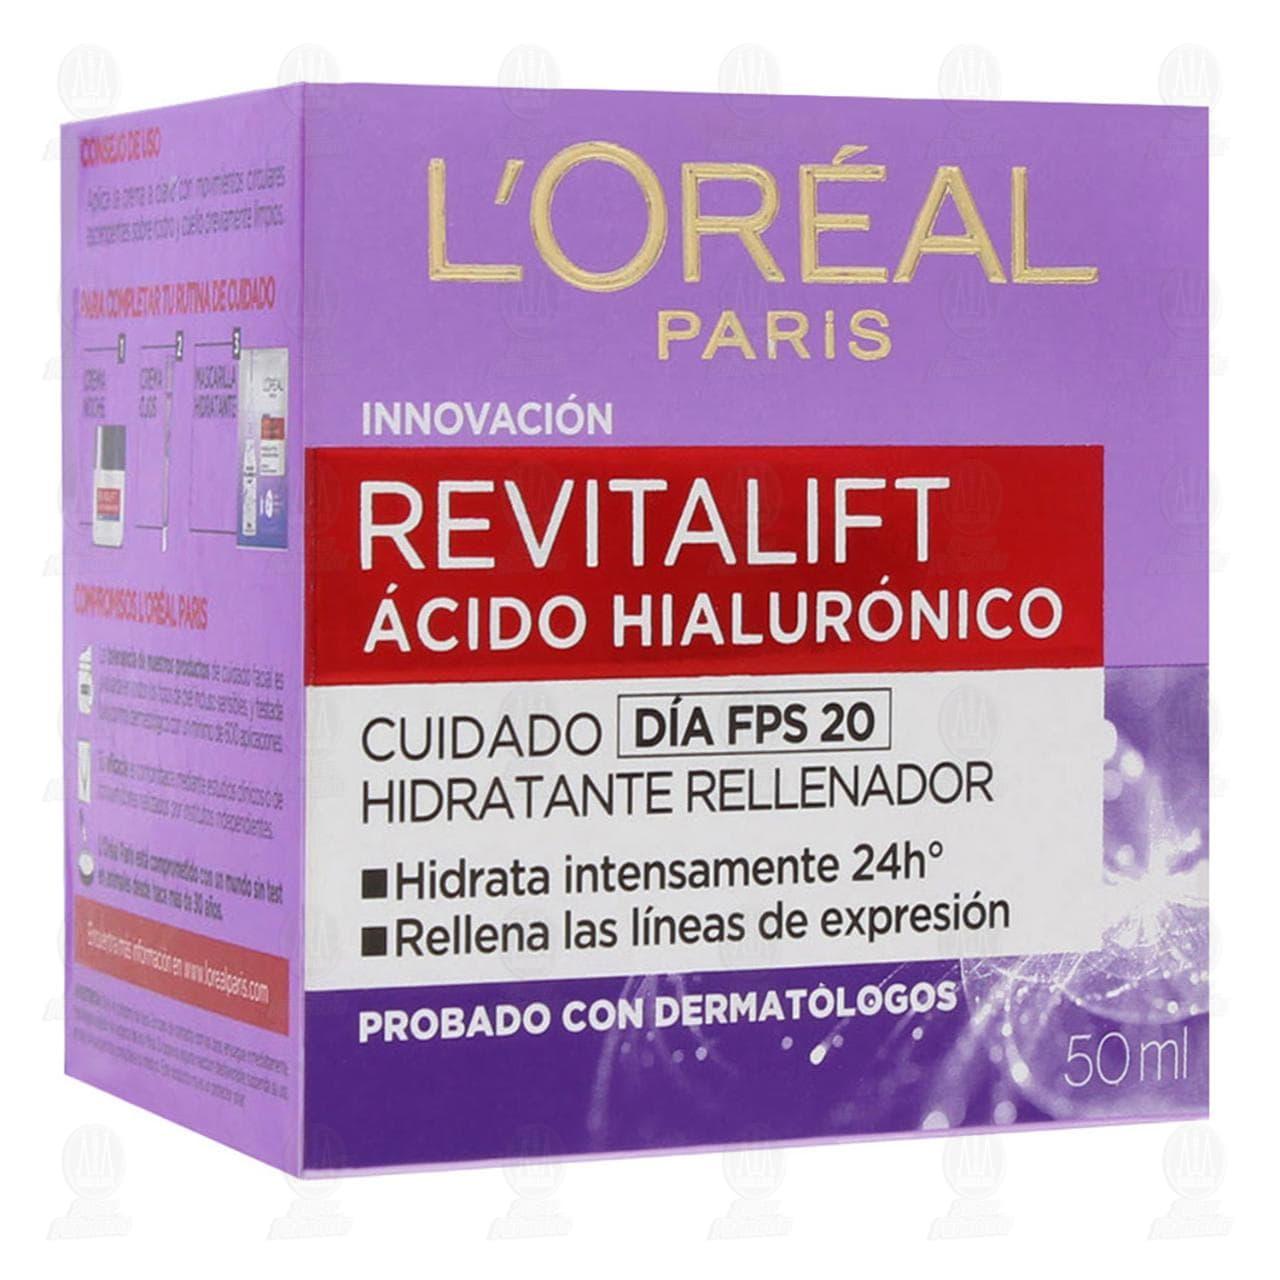 Comprar Crema Facial L'Oréal Revitalift Ácido Hialurónico Cuidado Día con FPS 20, 50 ml. en Farmacias Guadalajara